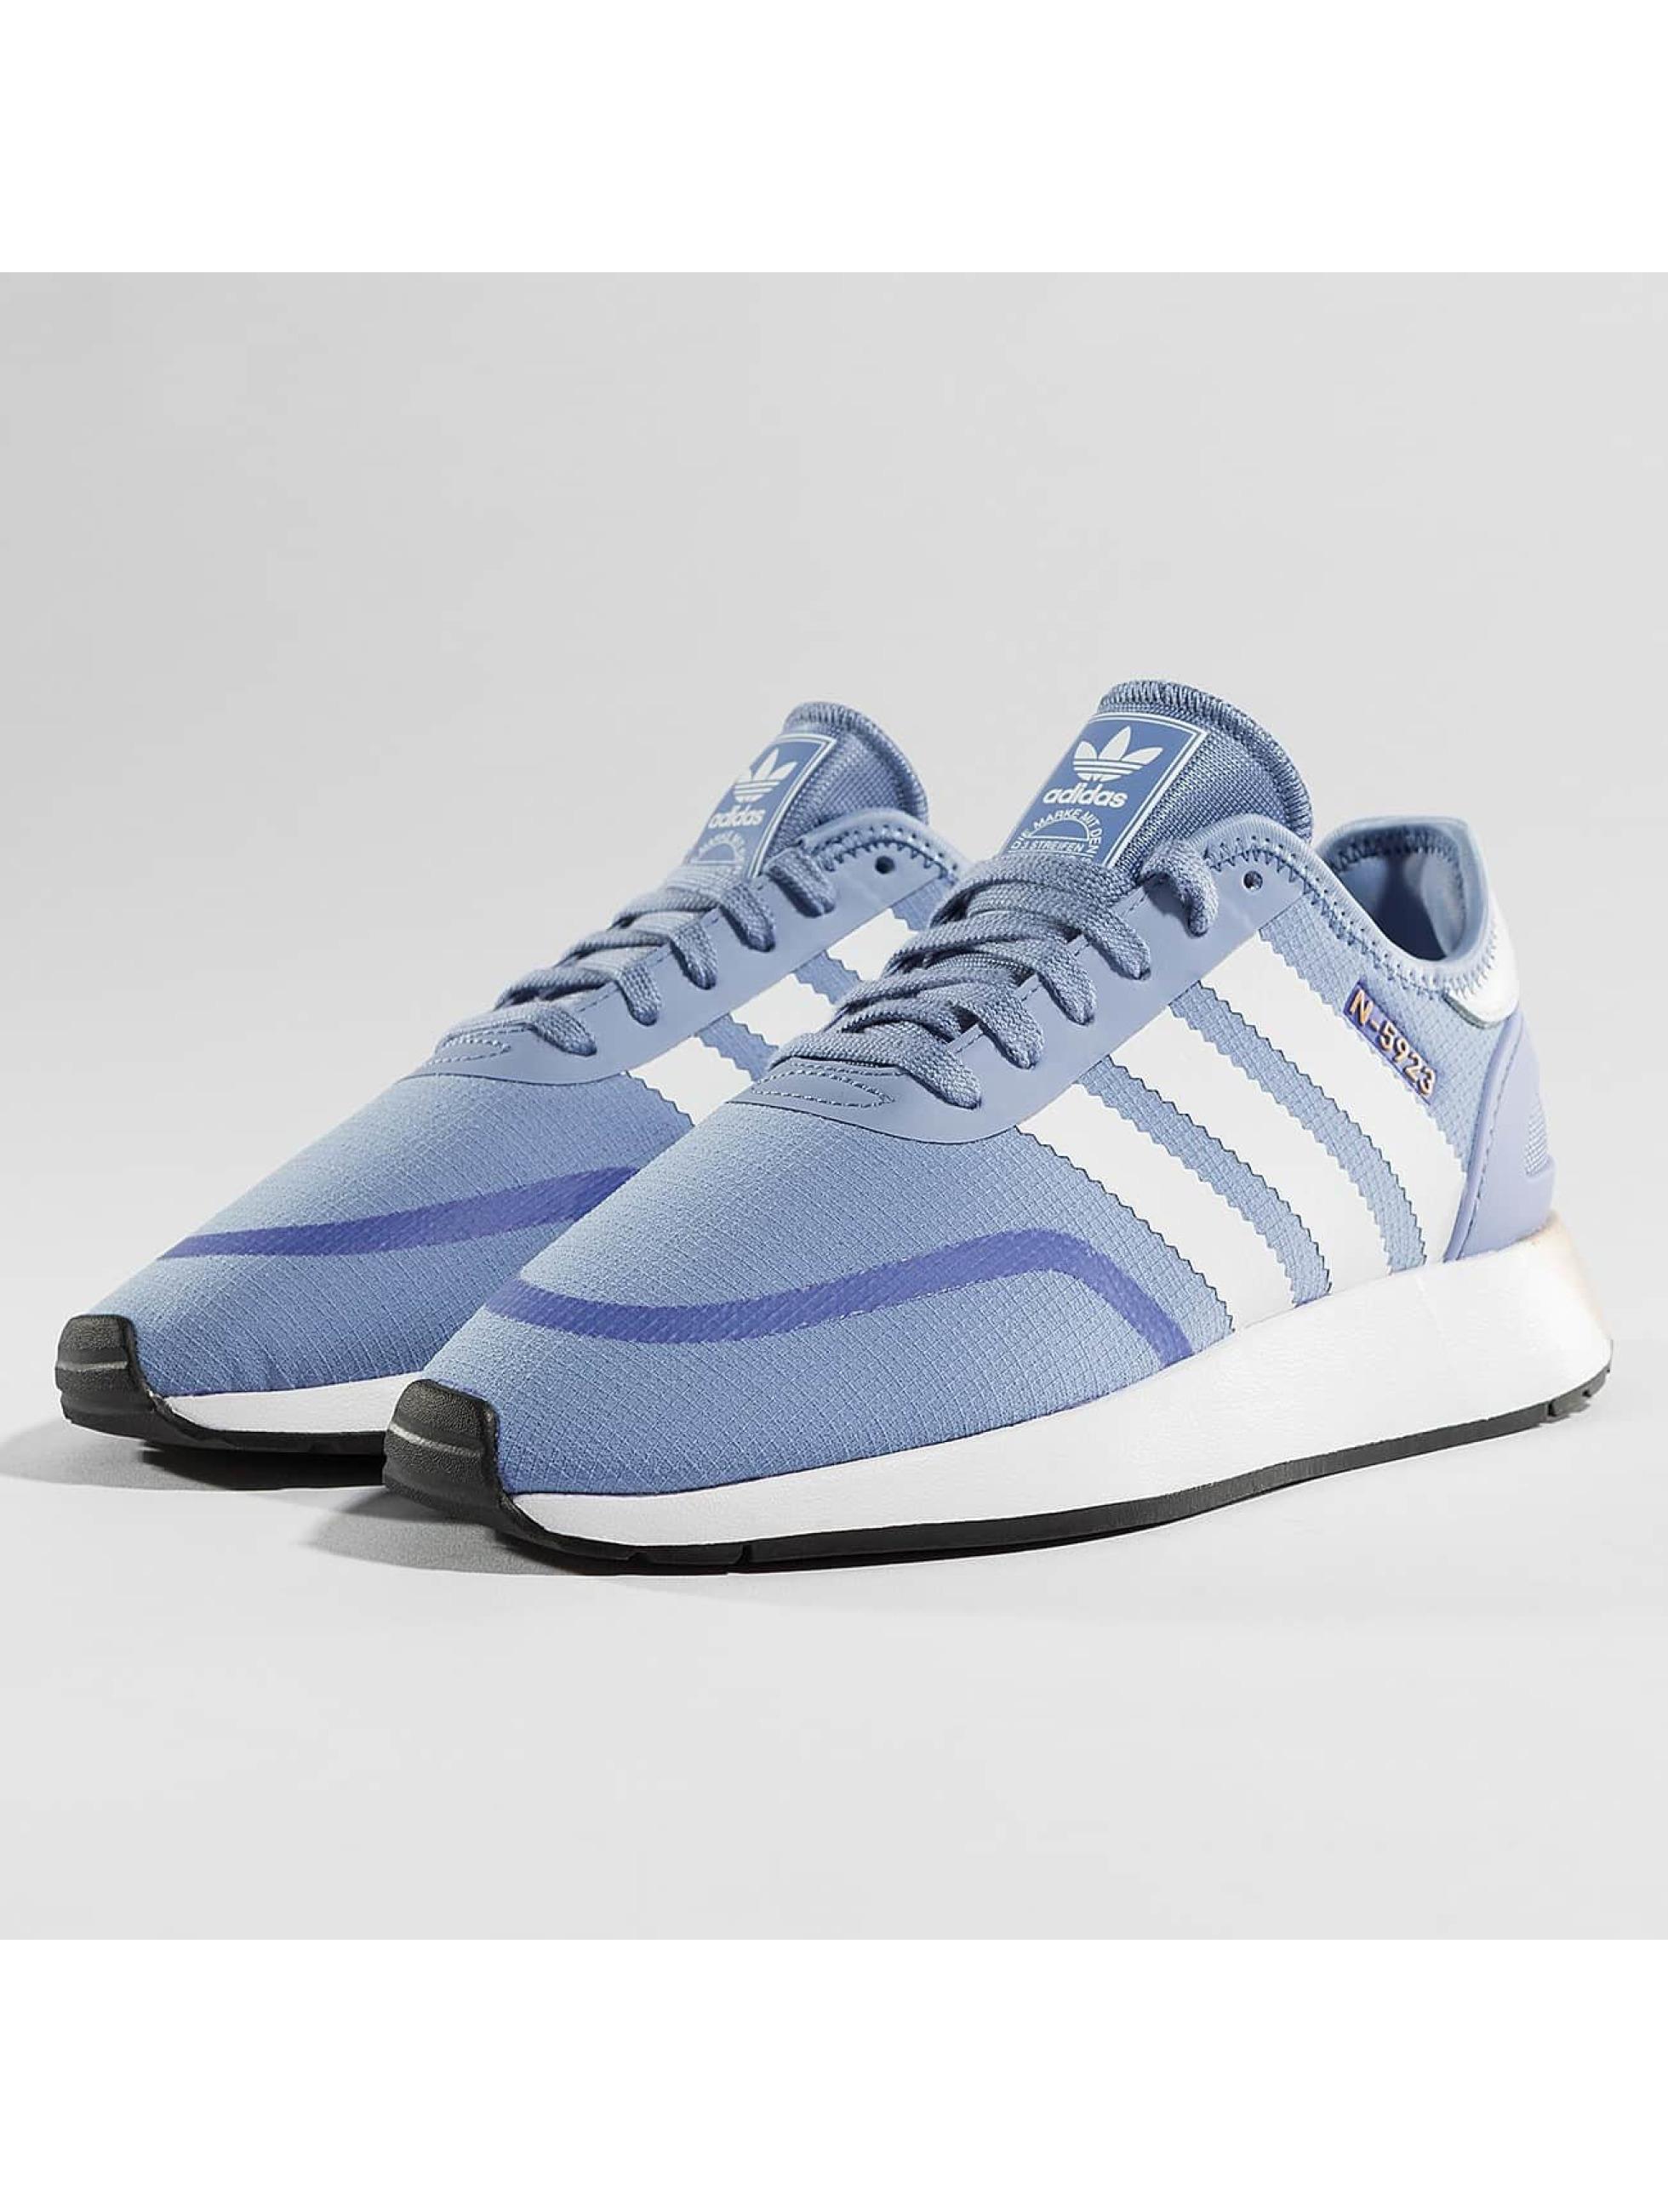 adidas originals iniki runner cls w bleu femme baskets 396958. Black Bedroom Furniture Sets. Home Design Ideas